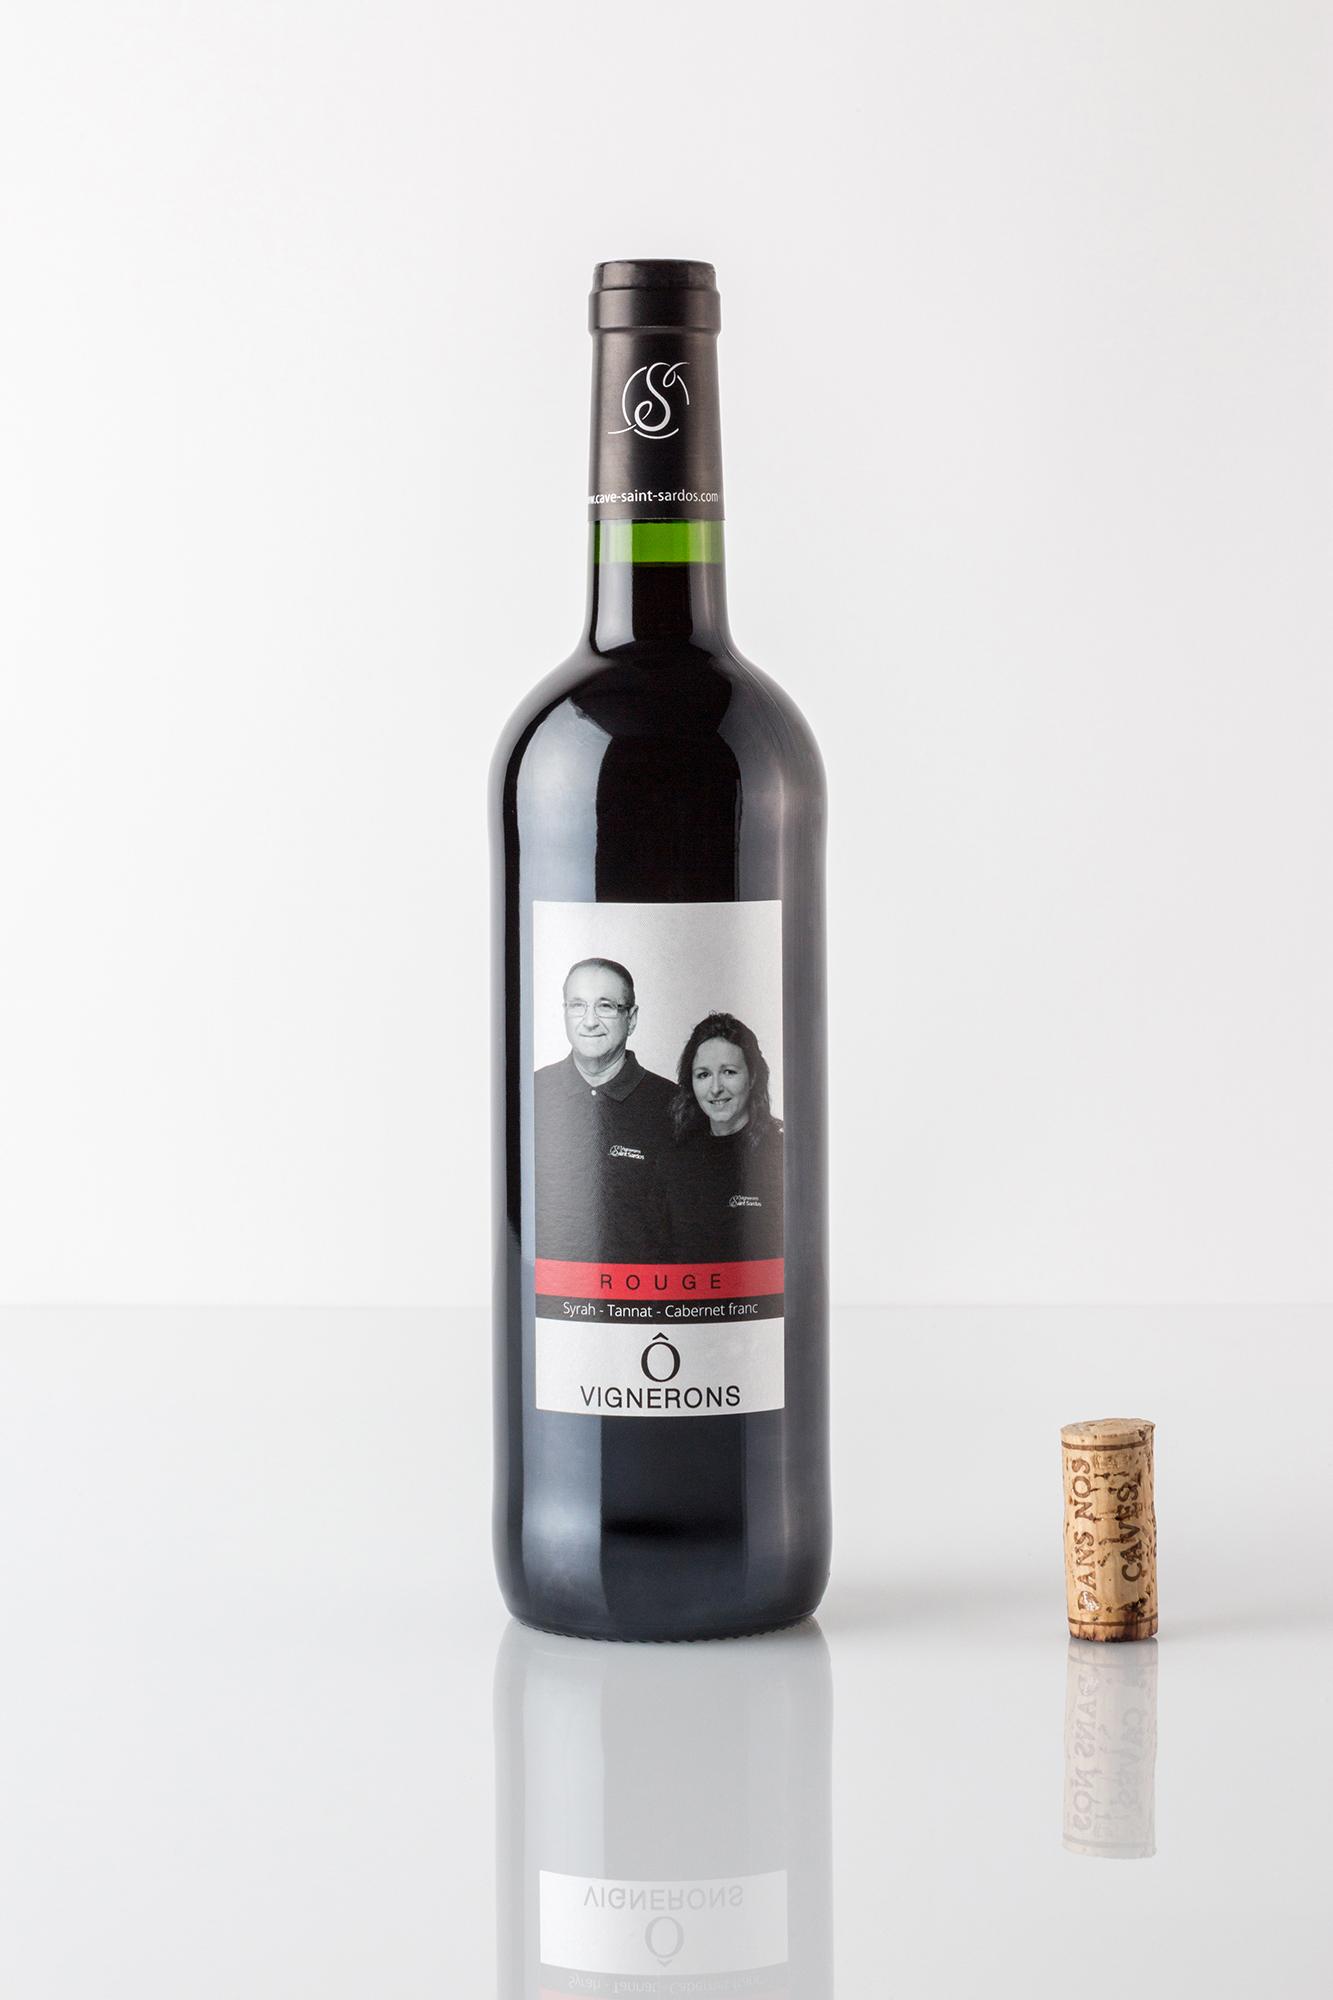 Bouteille de vin rouge sur fond blanc avec un bouchon à côté